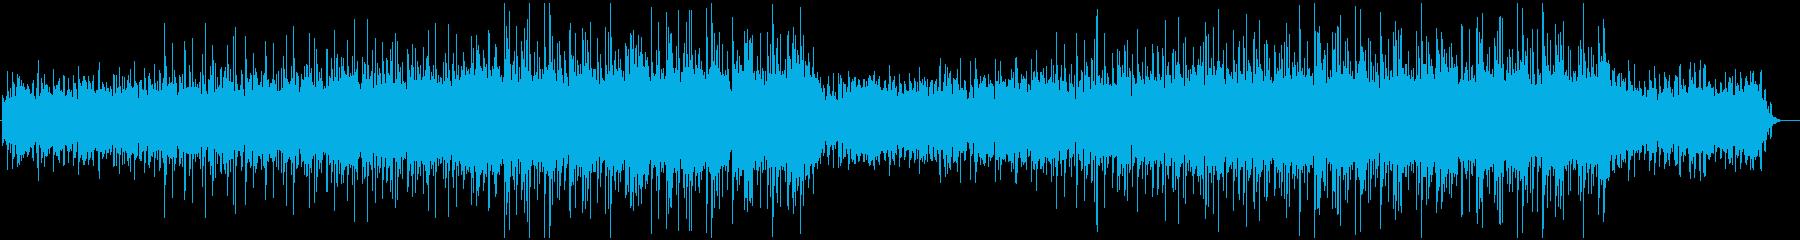 繊細で控えめな電子ドラムグルーブを...の再生済みの波形